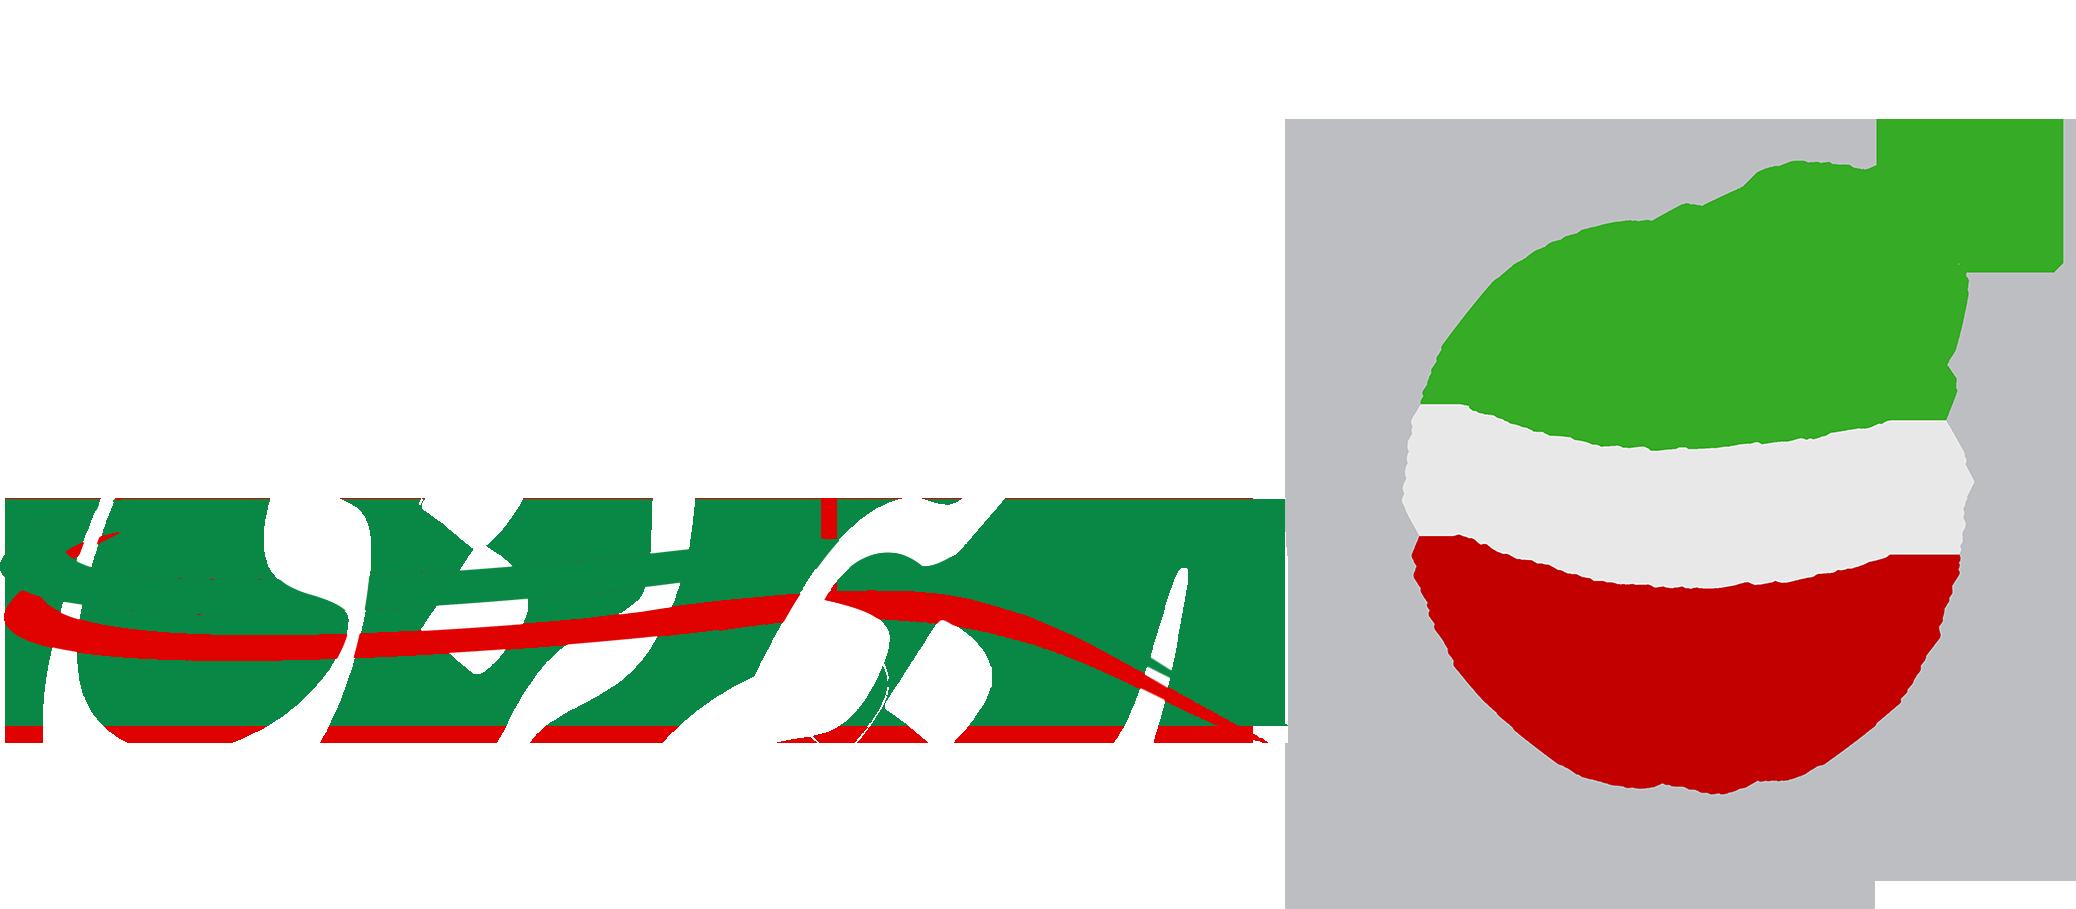 رحیم کریمی کاندیدای مجلس شورای اسلامی شهرستان سمیرم